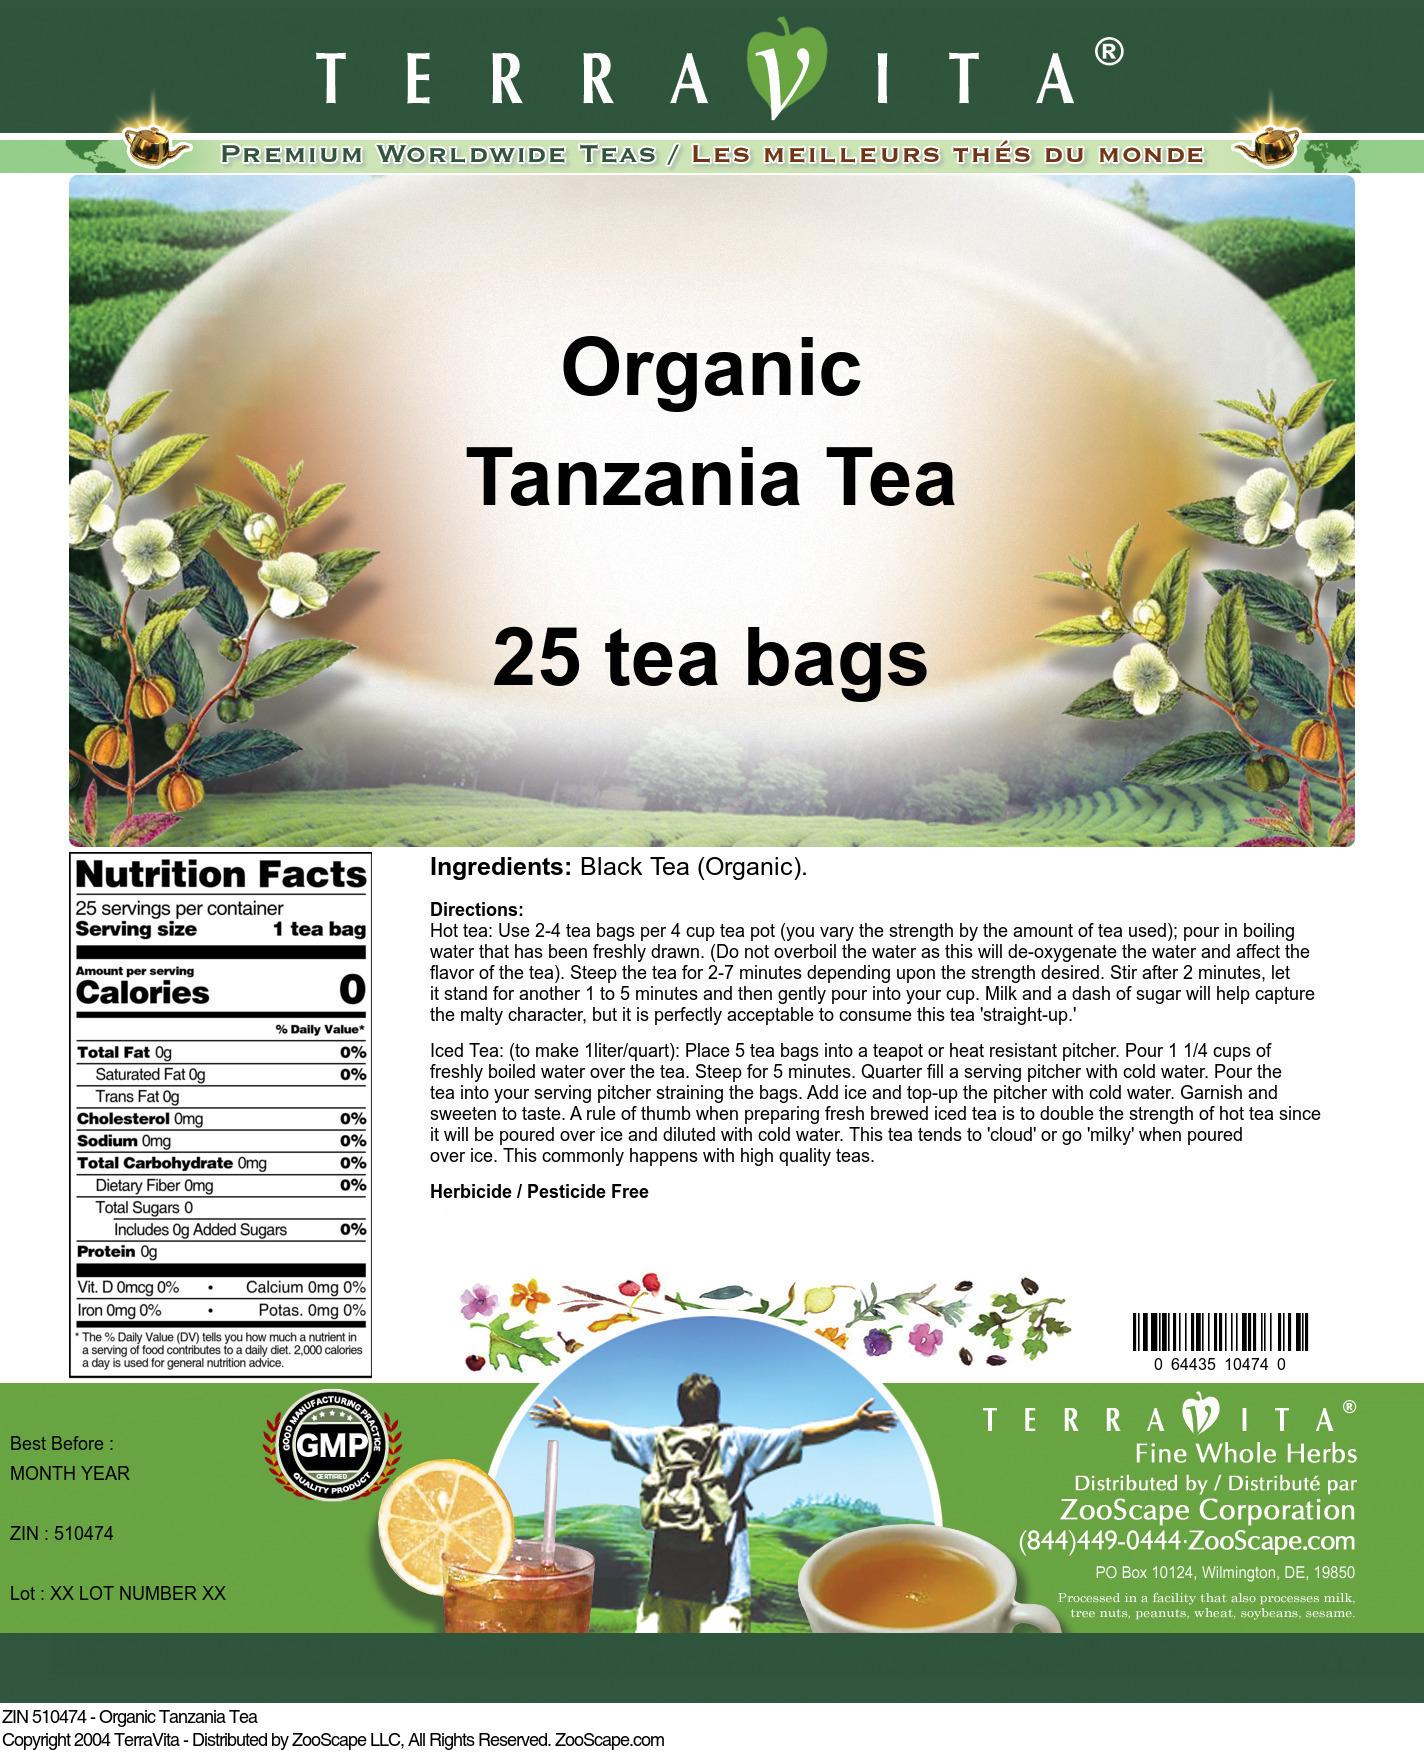 Organic Tanzania Tea